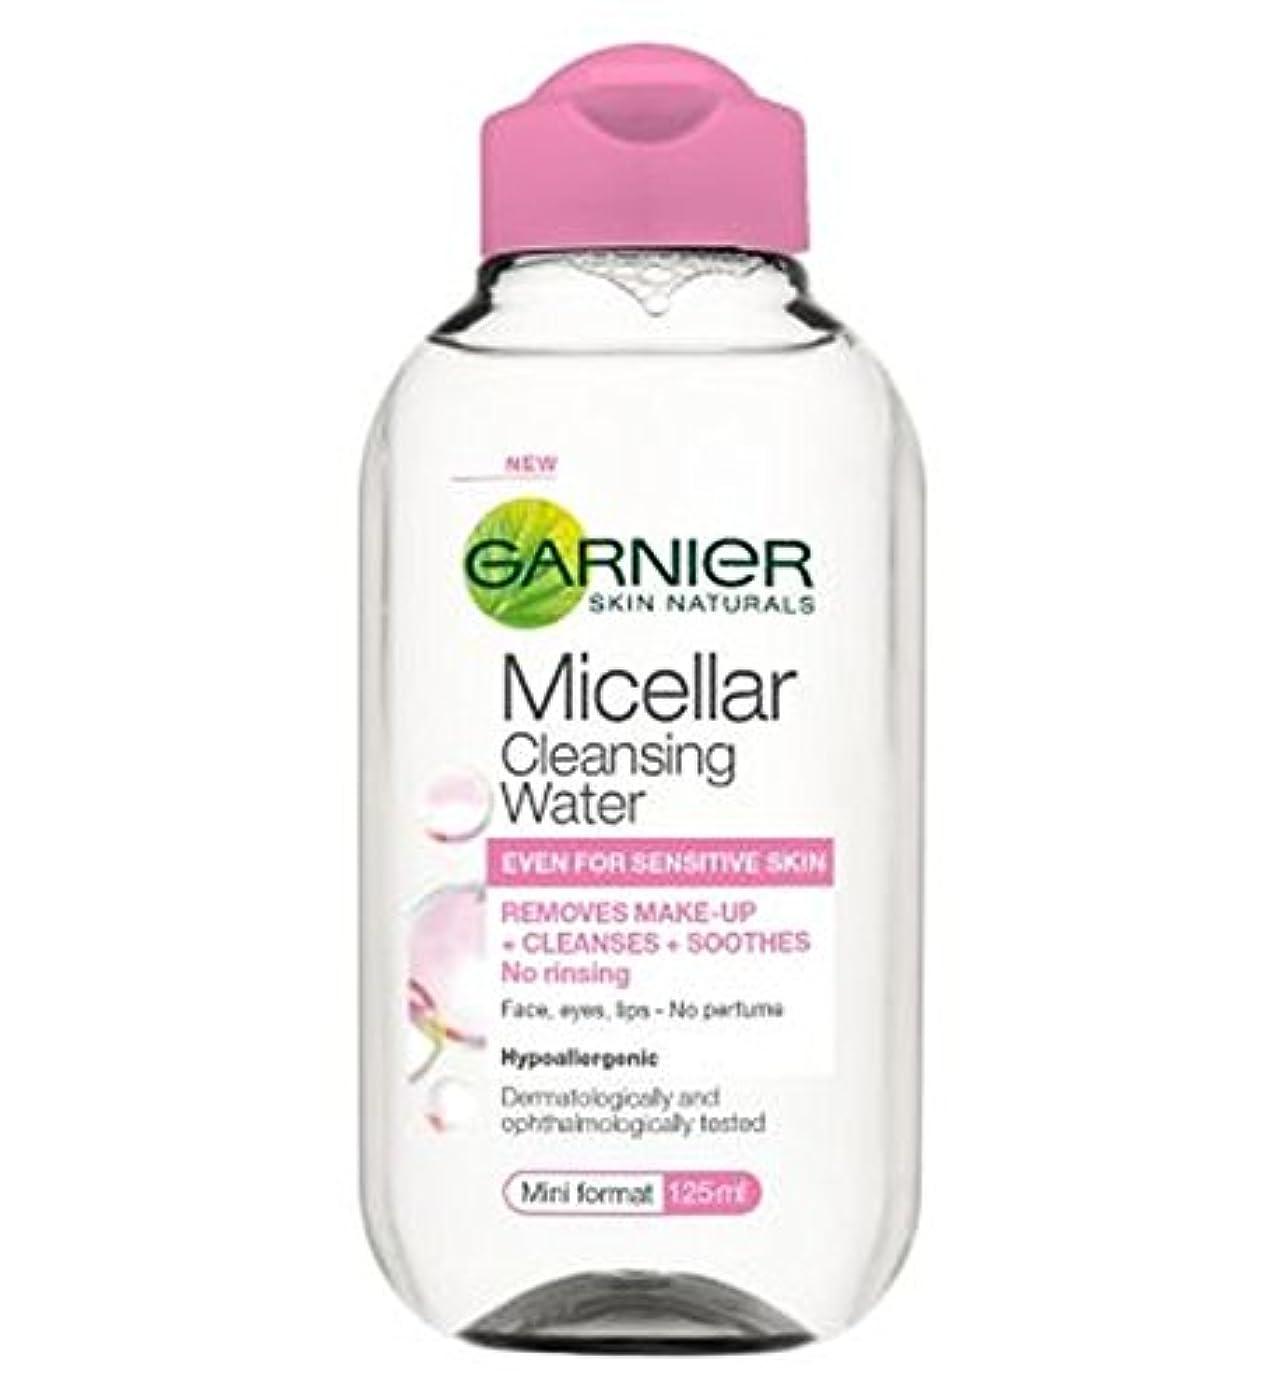 ホストジョージハンブリー取るに足らないガルニエミセル洗浄水125ミリリットル (Garnier) (x2) - Garnier Micellar Cleansing Water 125ml (Pack of 2) [並行輸入品]